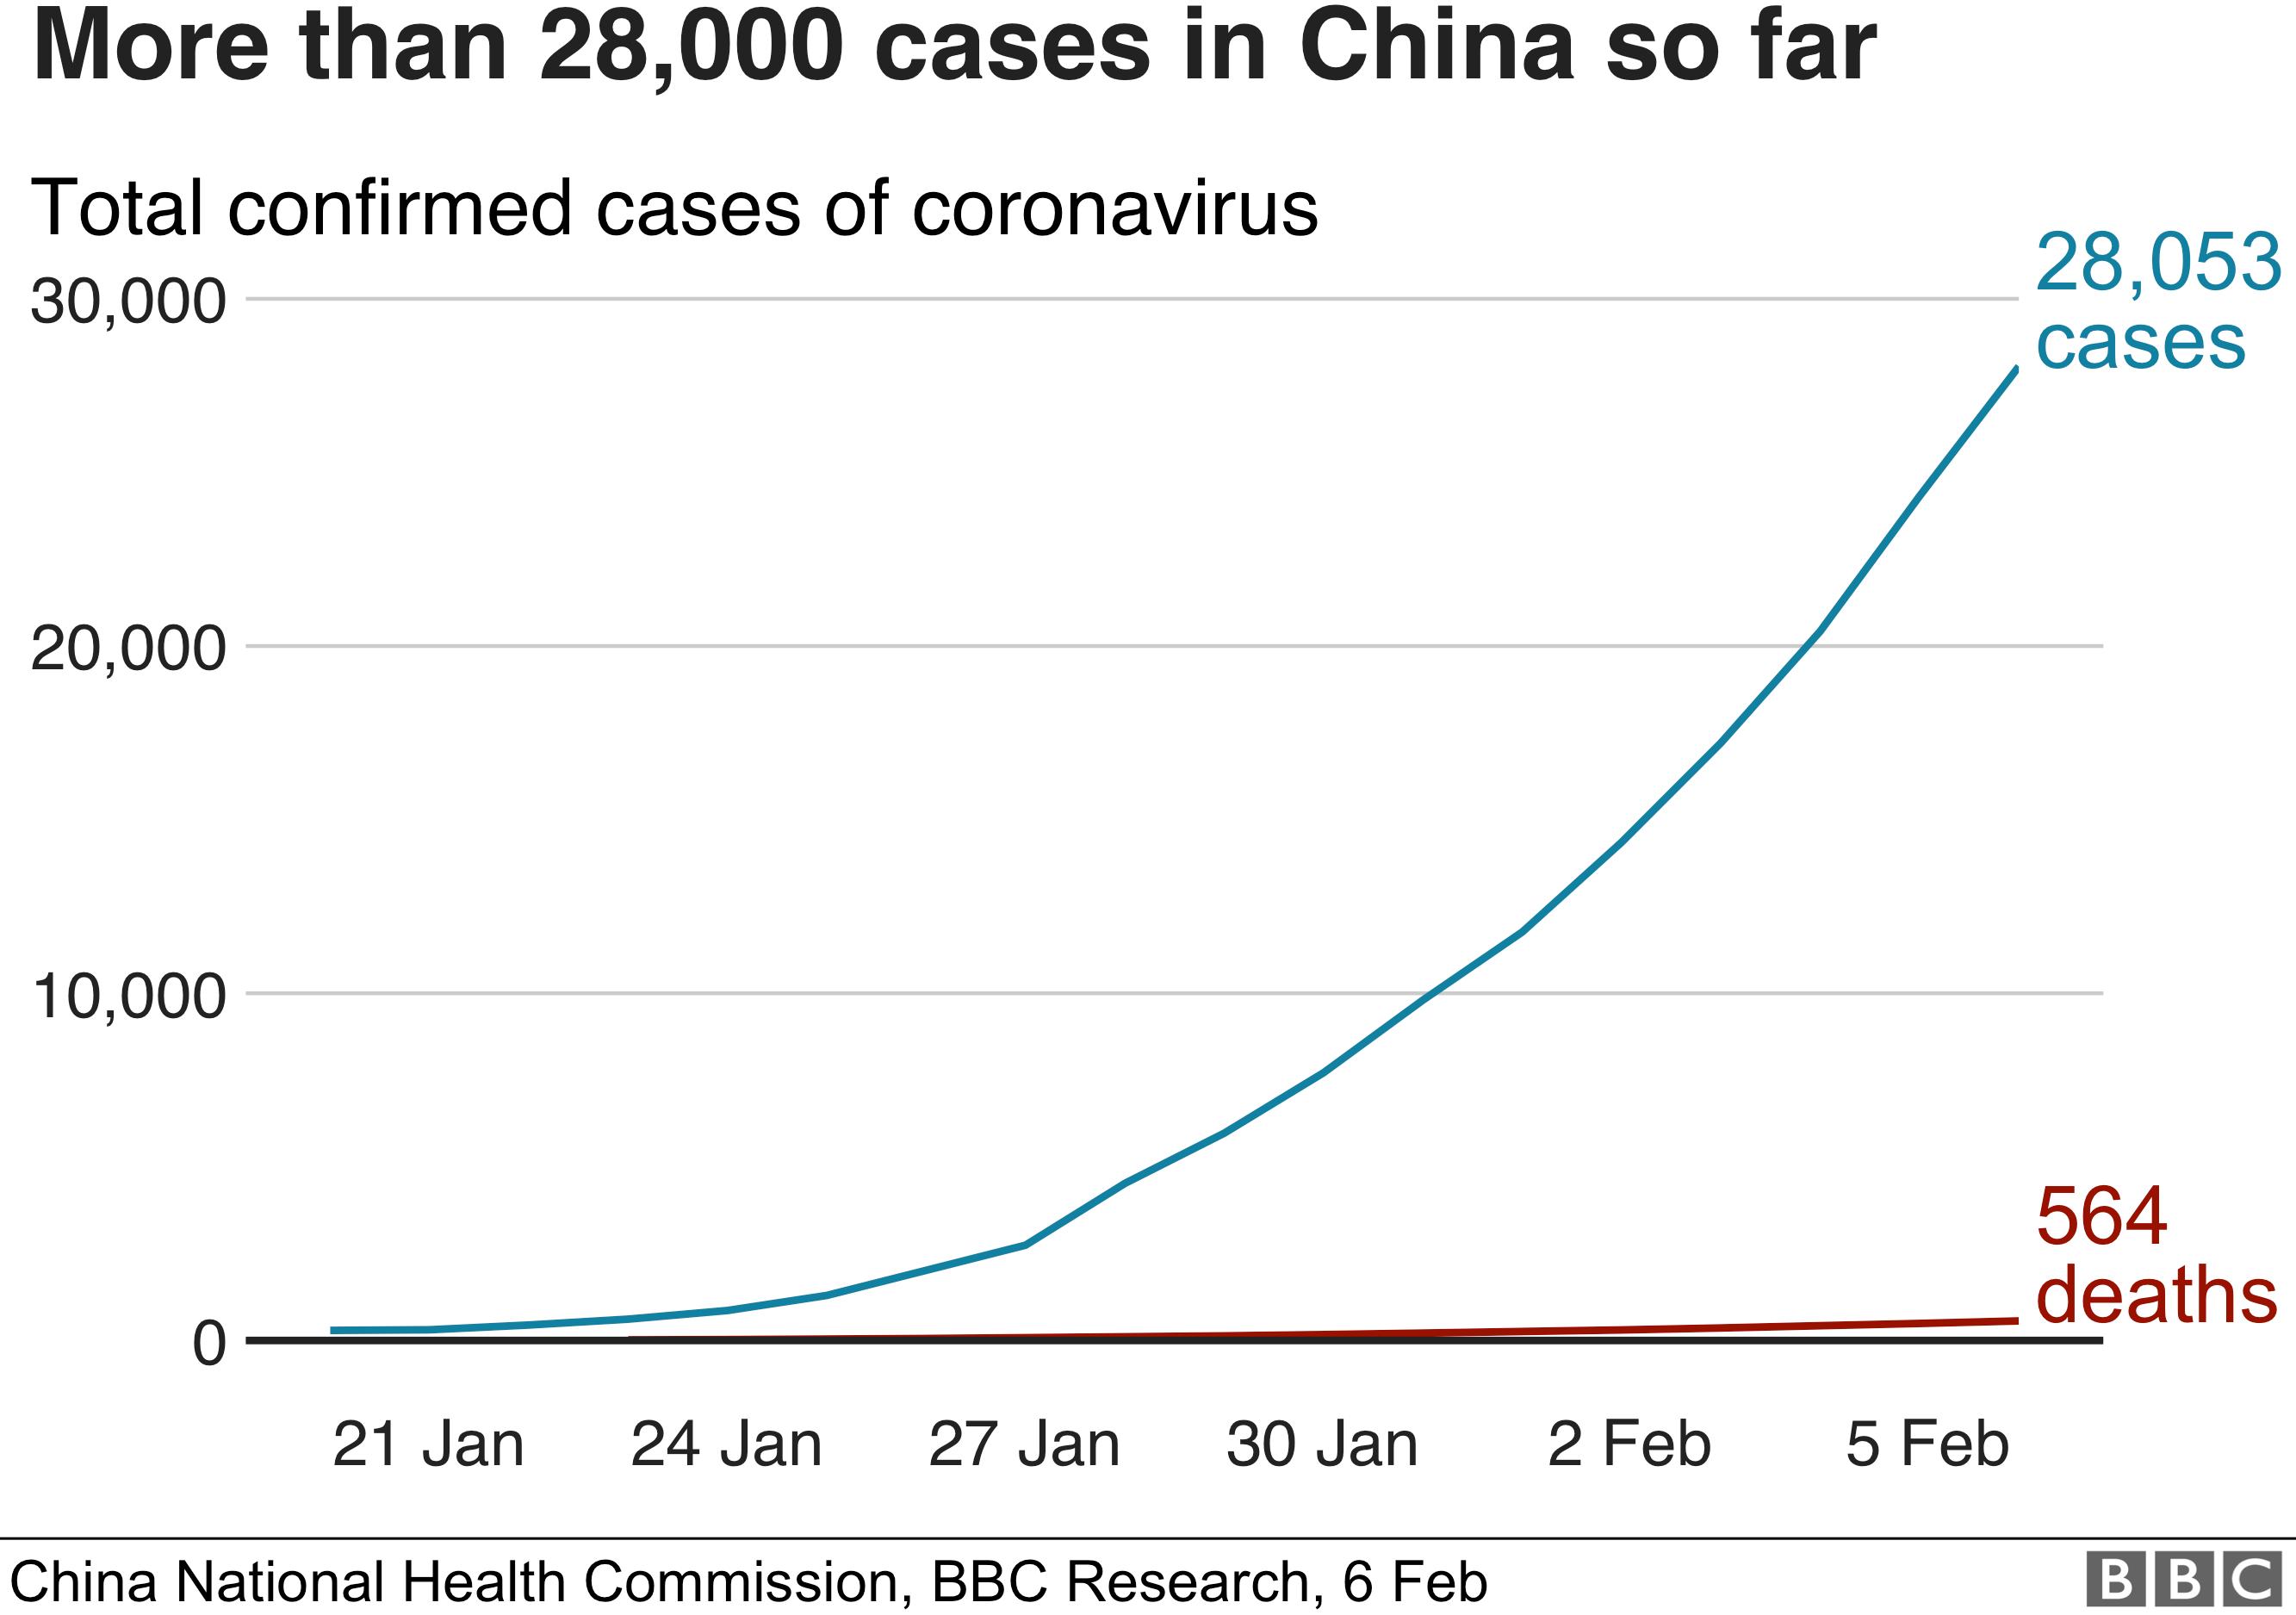 معظم حالات الاصابة بكورونا بدأت فى الصين